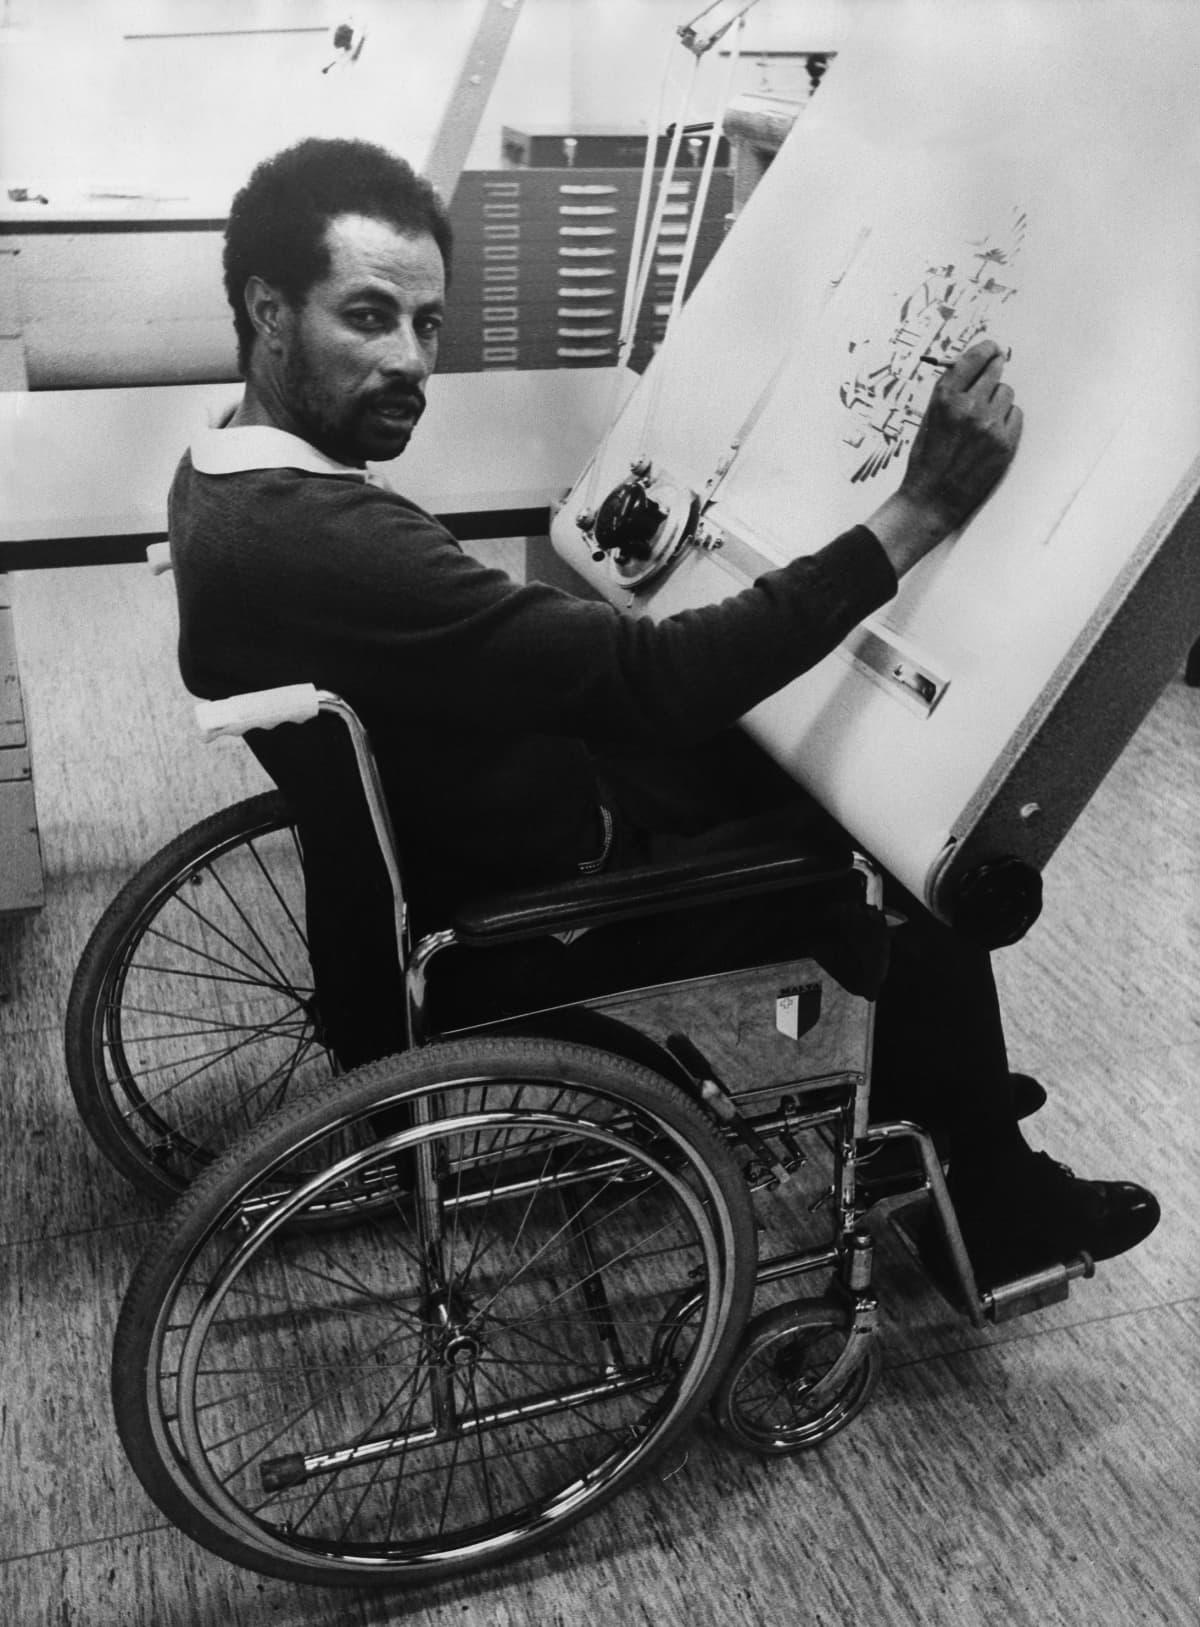 Abebe Bikila, juoksija pyörätuolissa piirustuspöydän ääressä